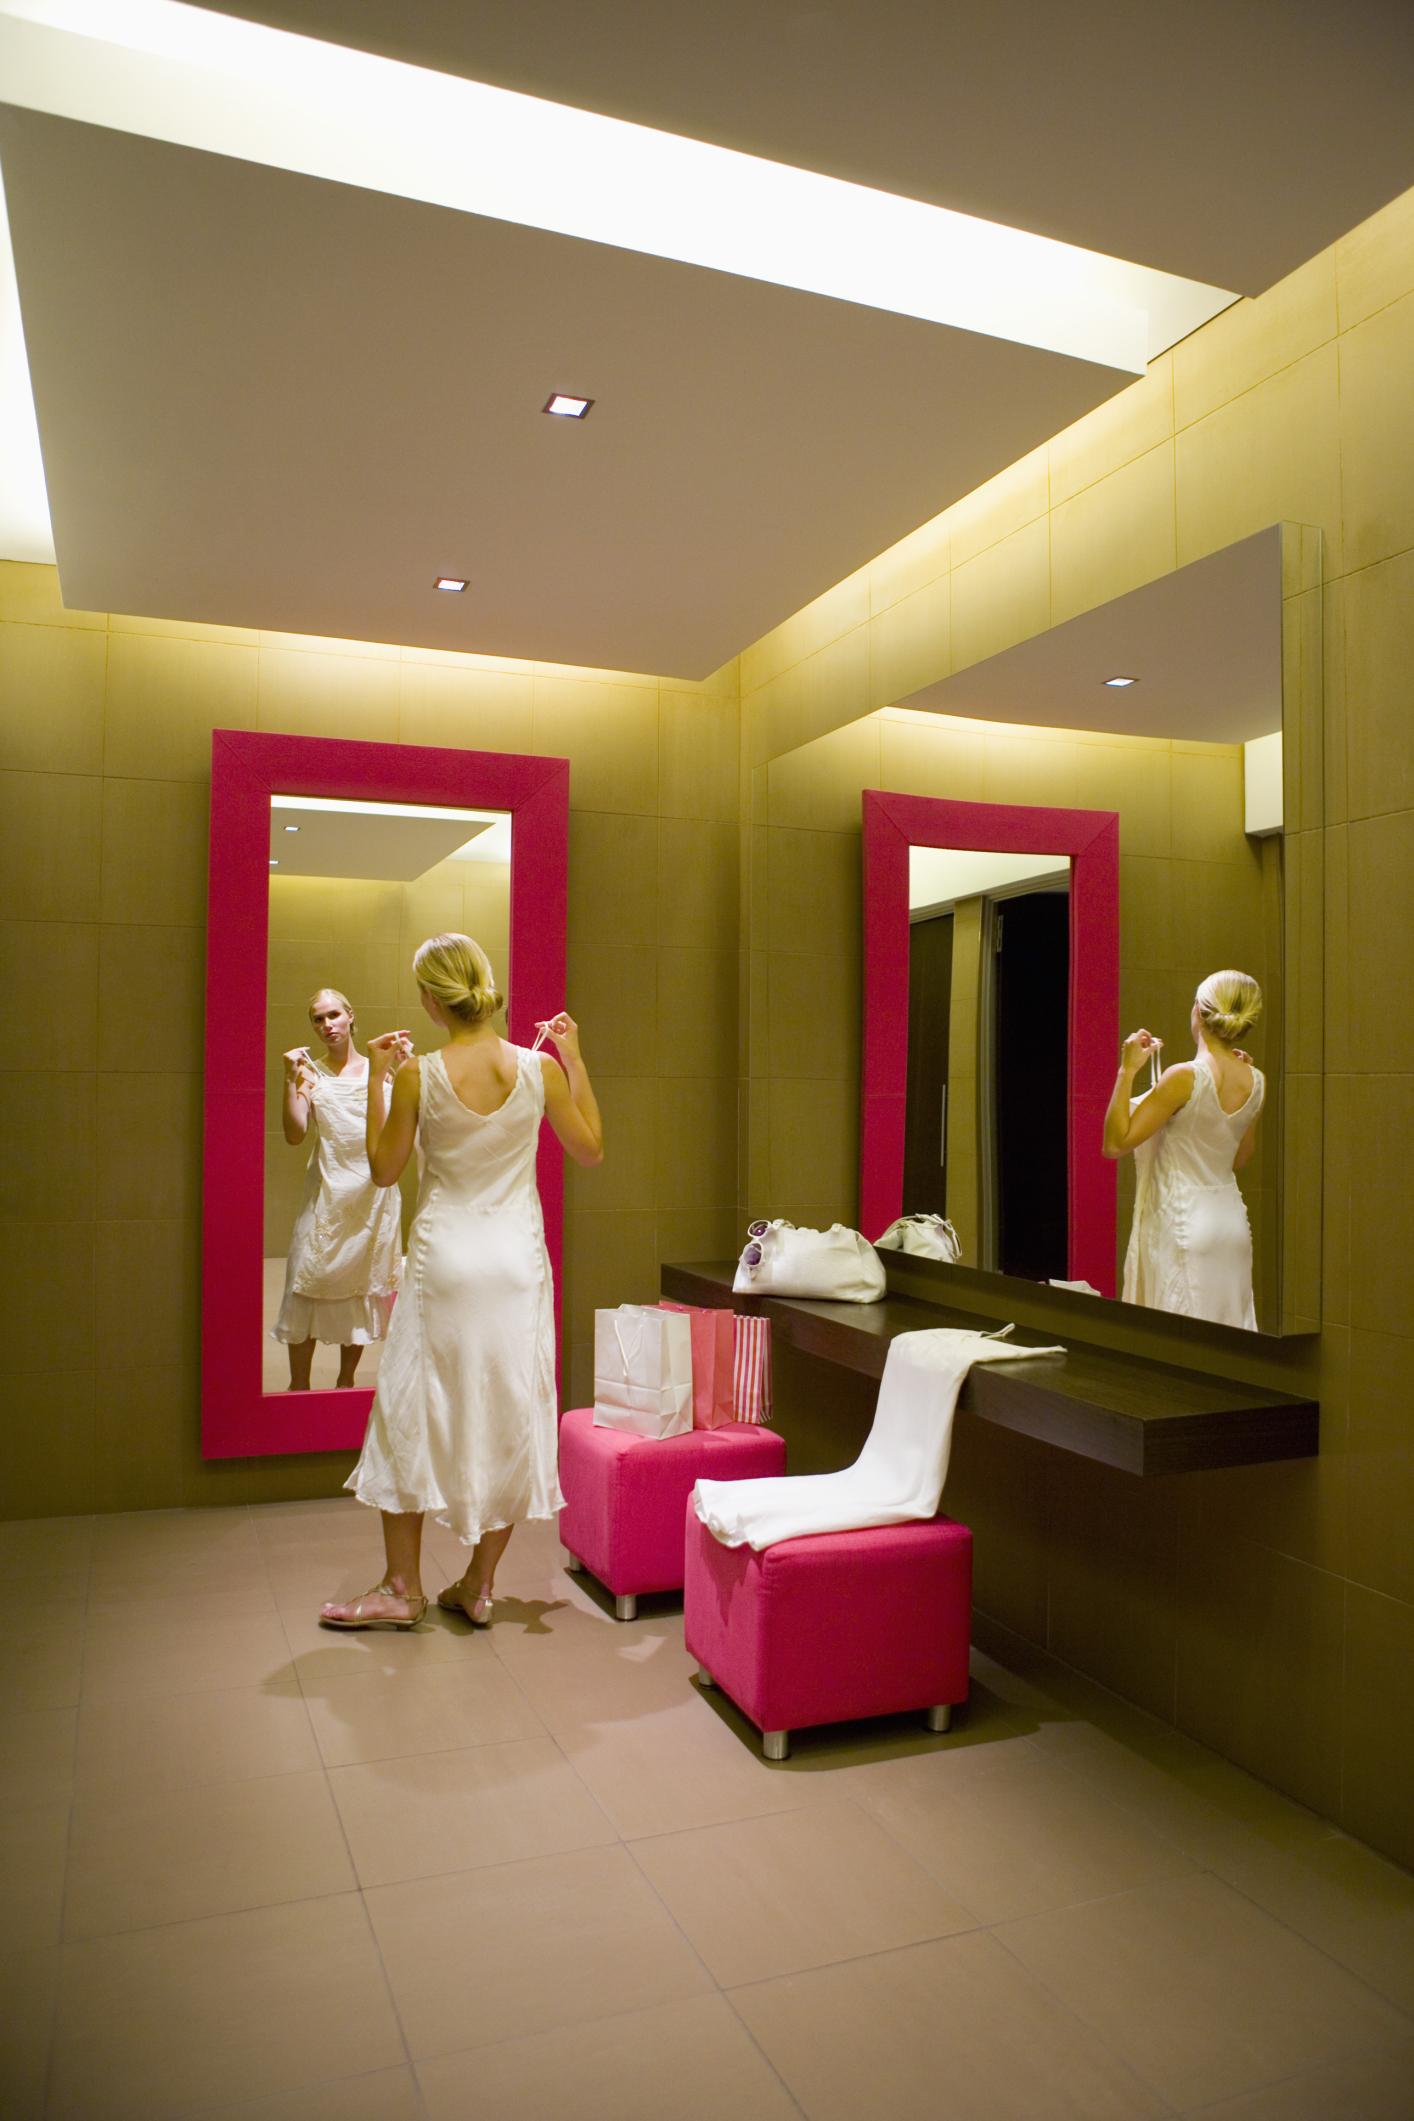 b10e4e4f432 Ideas for the Design & Layout of a Boutique for a Business | Chron.com